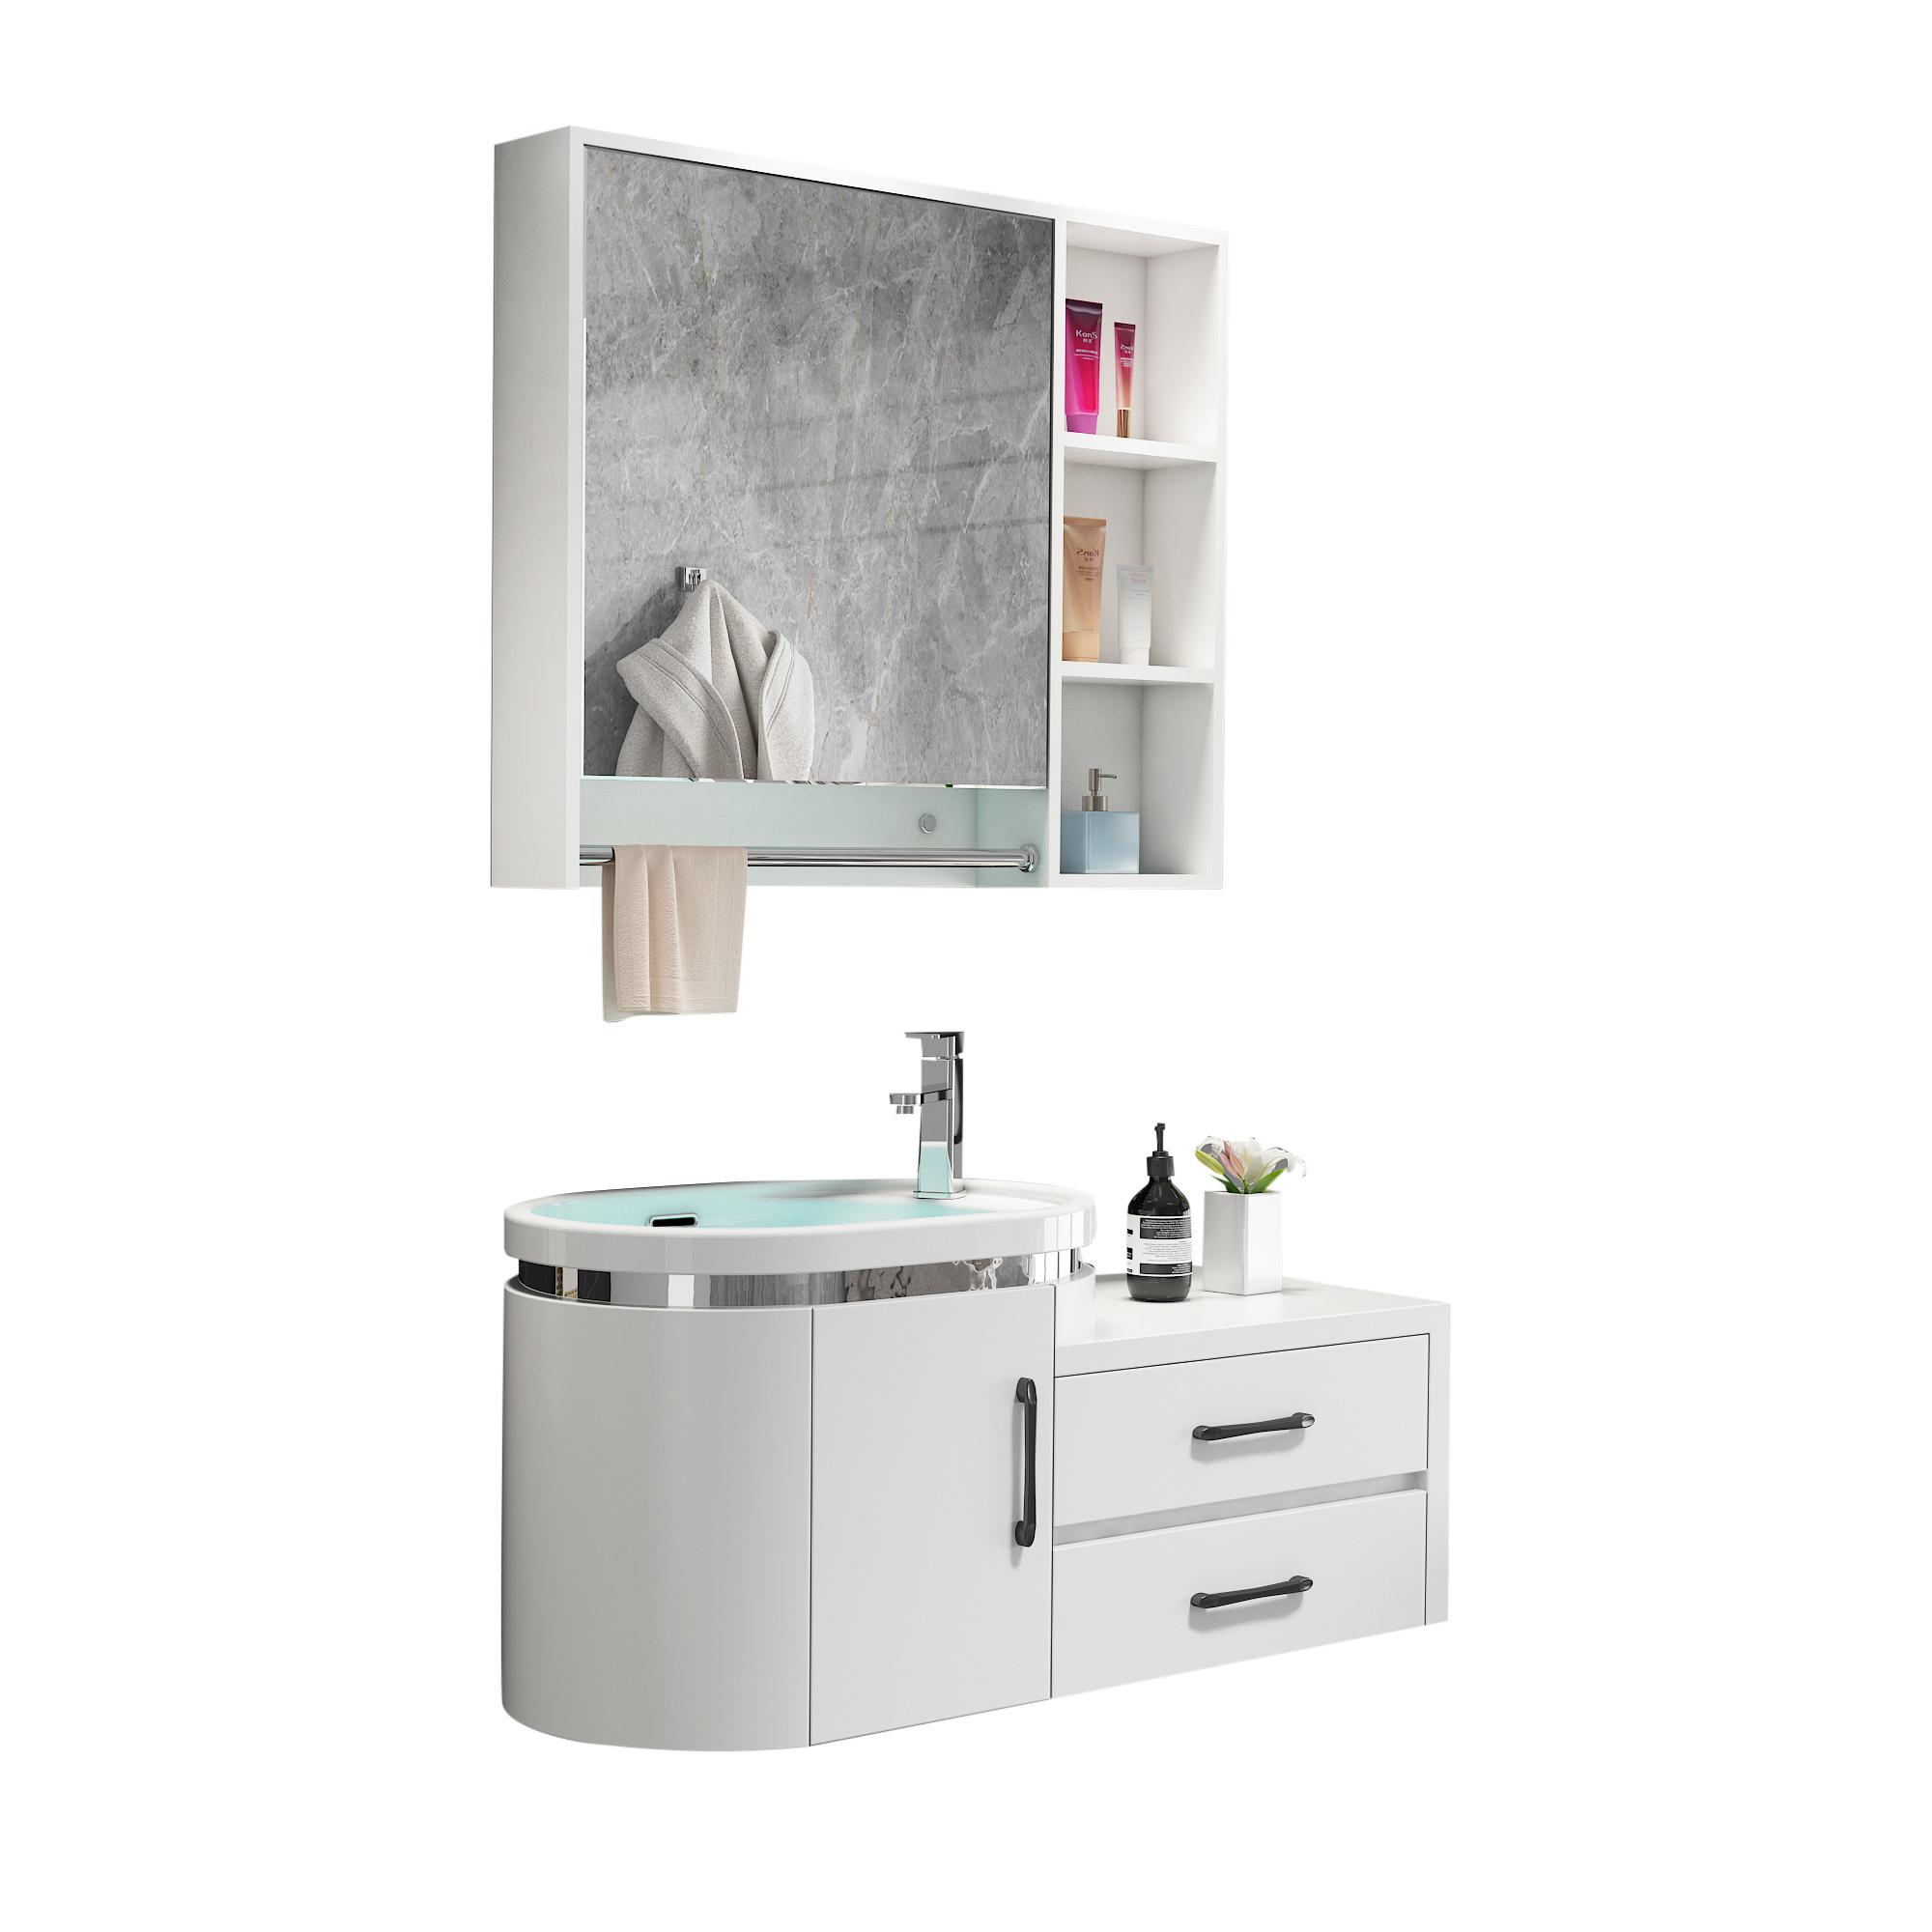 浴室柜小户型洗脸盆洗手面池柜组合卫生间洗漱台卫浴吊柜 pvc 智能